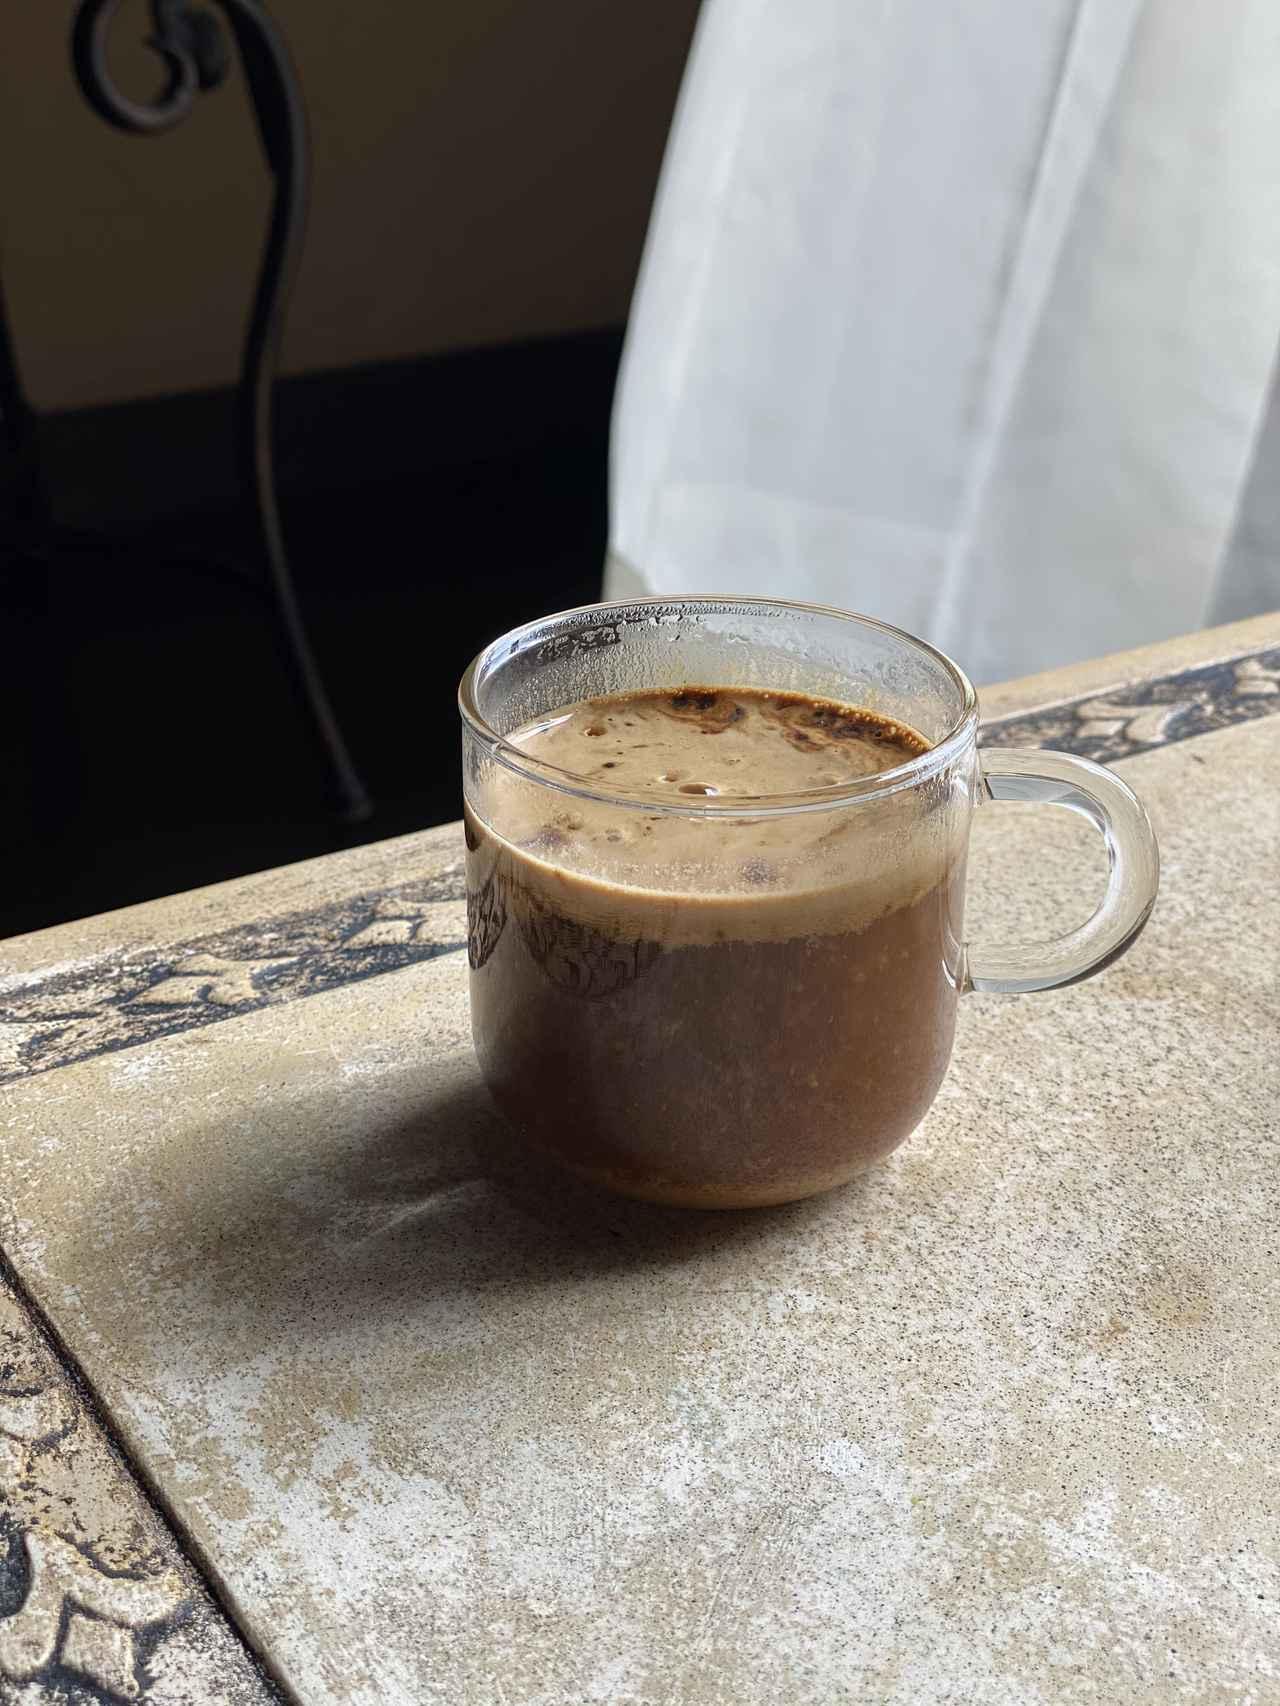 画像: 好みの飲み物に溶いてサッと取れるのがいいところ。 *追記)栄養素を一番良い状態で体に届けるため、 コーヒーのような刺激物に混ぜることや 熱いものに混ぜることはおすすめしていないのですが・・・と 販売元の方からメッセージをいただきました(汗)